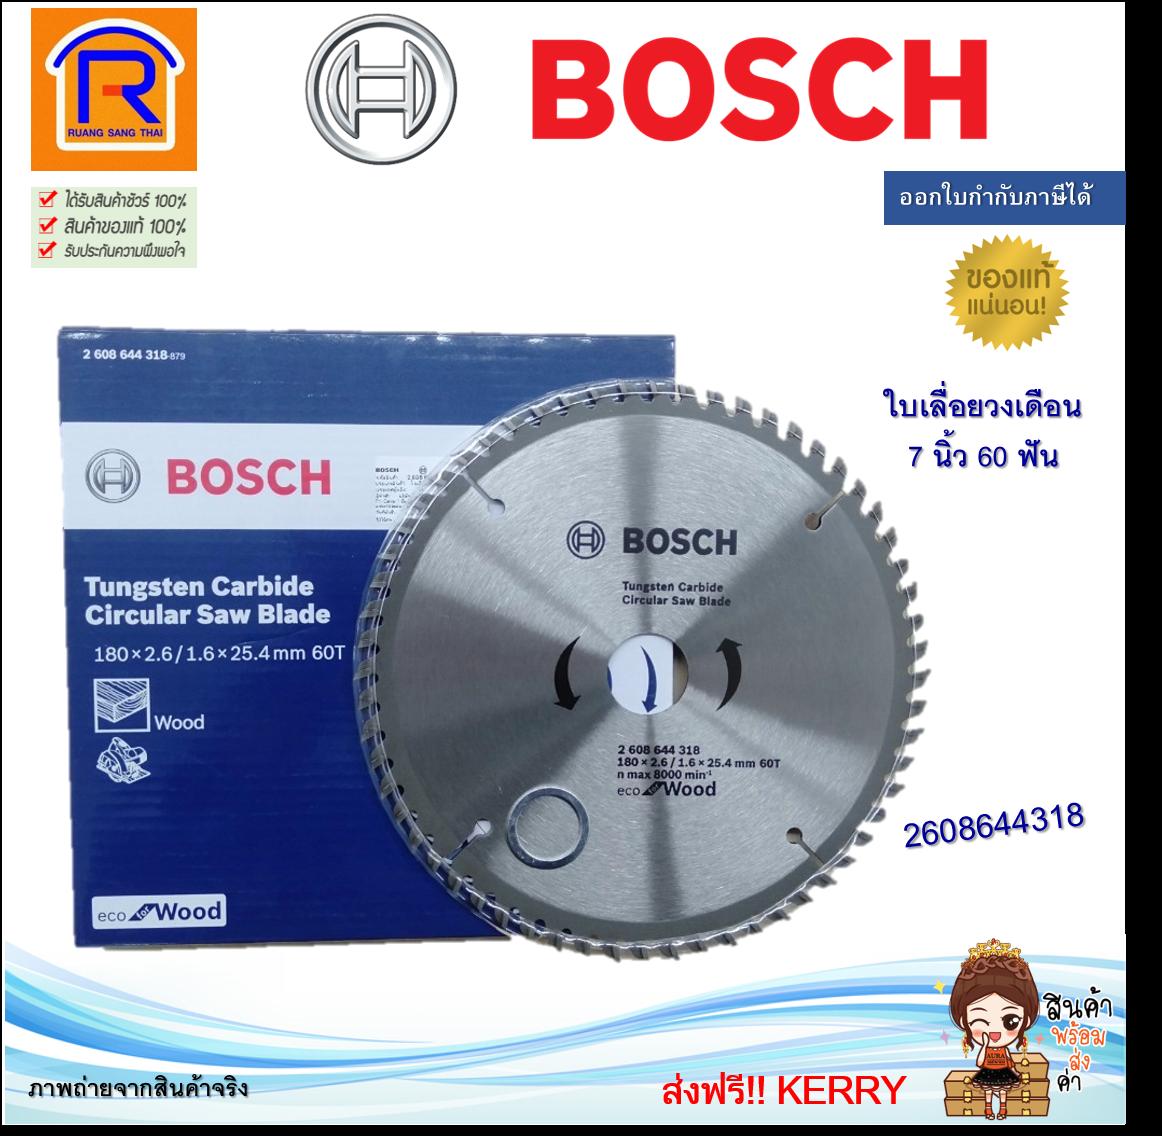 BOSCH (บ๊อช) ใบเลื่อยวงเดือน 7 นิ้ว 60 ฟัน ECO For Wood รุ่น 2608644318 ใบเลื่อยวงเดือนตัดไม้ เครื่องมือช่าง อุปกรณ์ช่าง ของแท้ 100% (Tungsten Carbide Circular Saw Blade) (3140060)